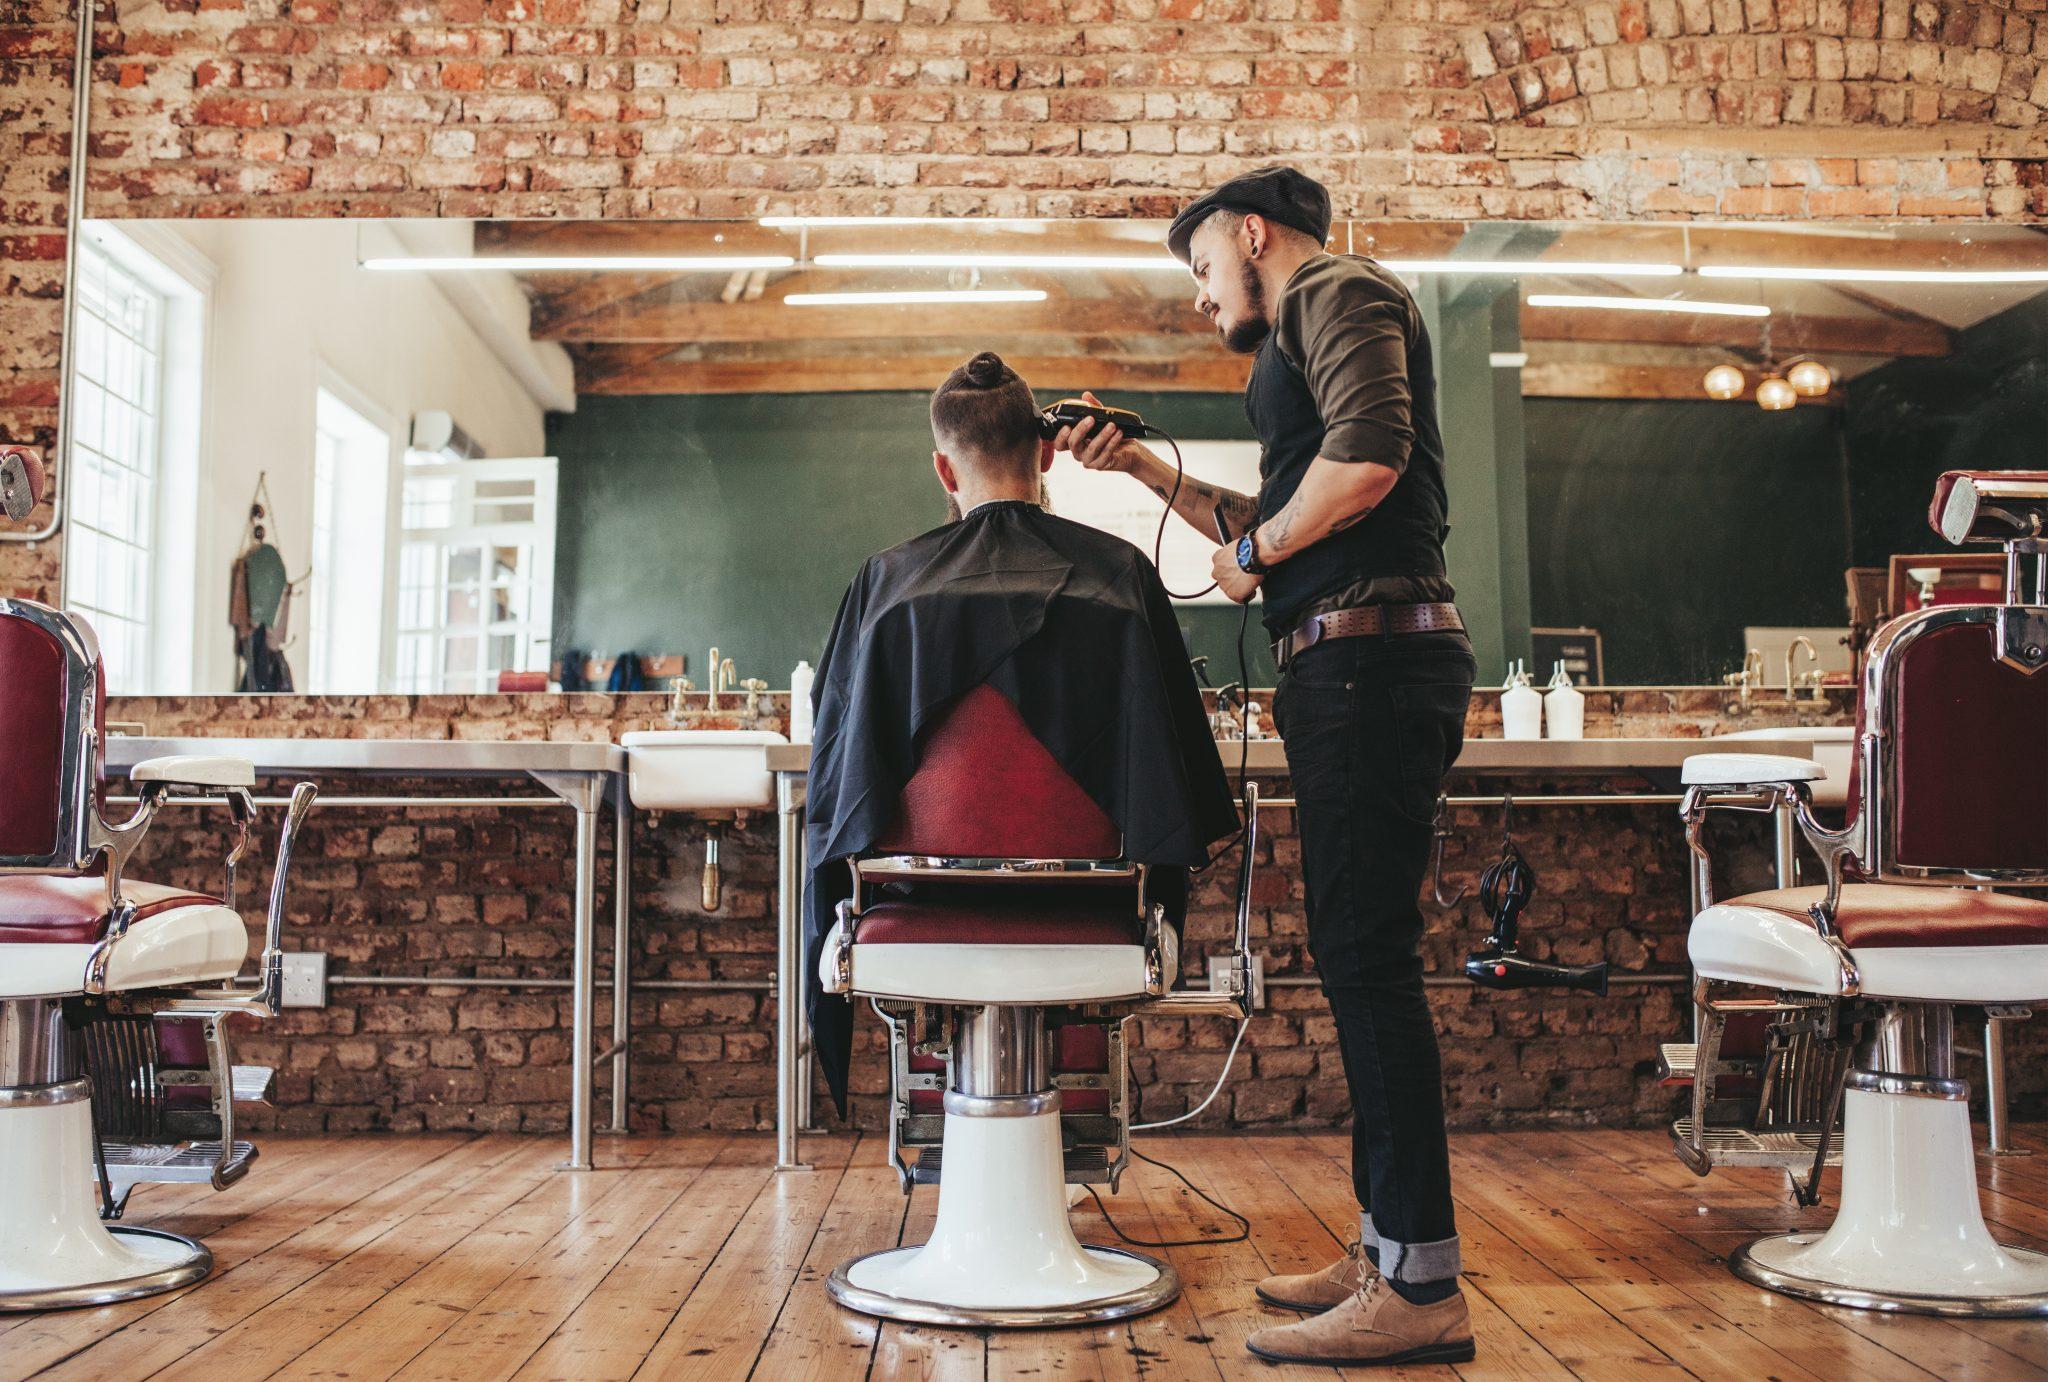 Czym kierować się przy wyborze barbera?